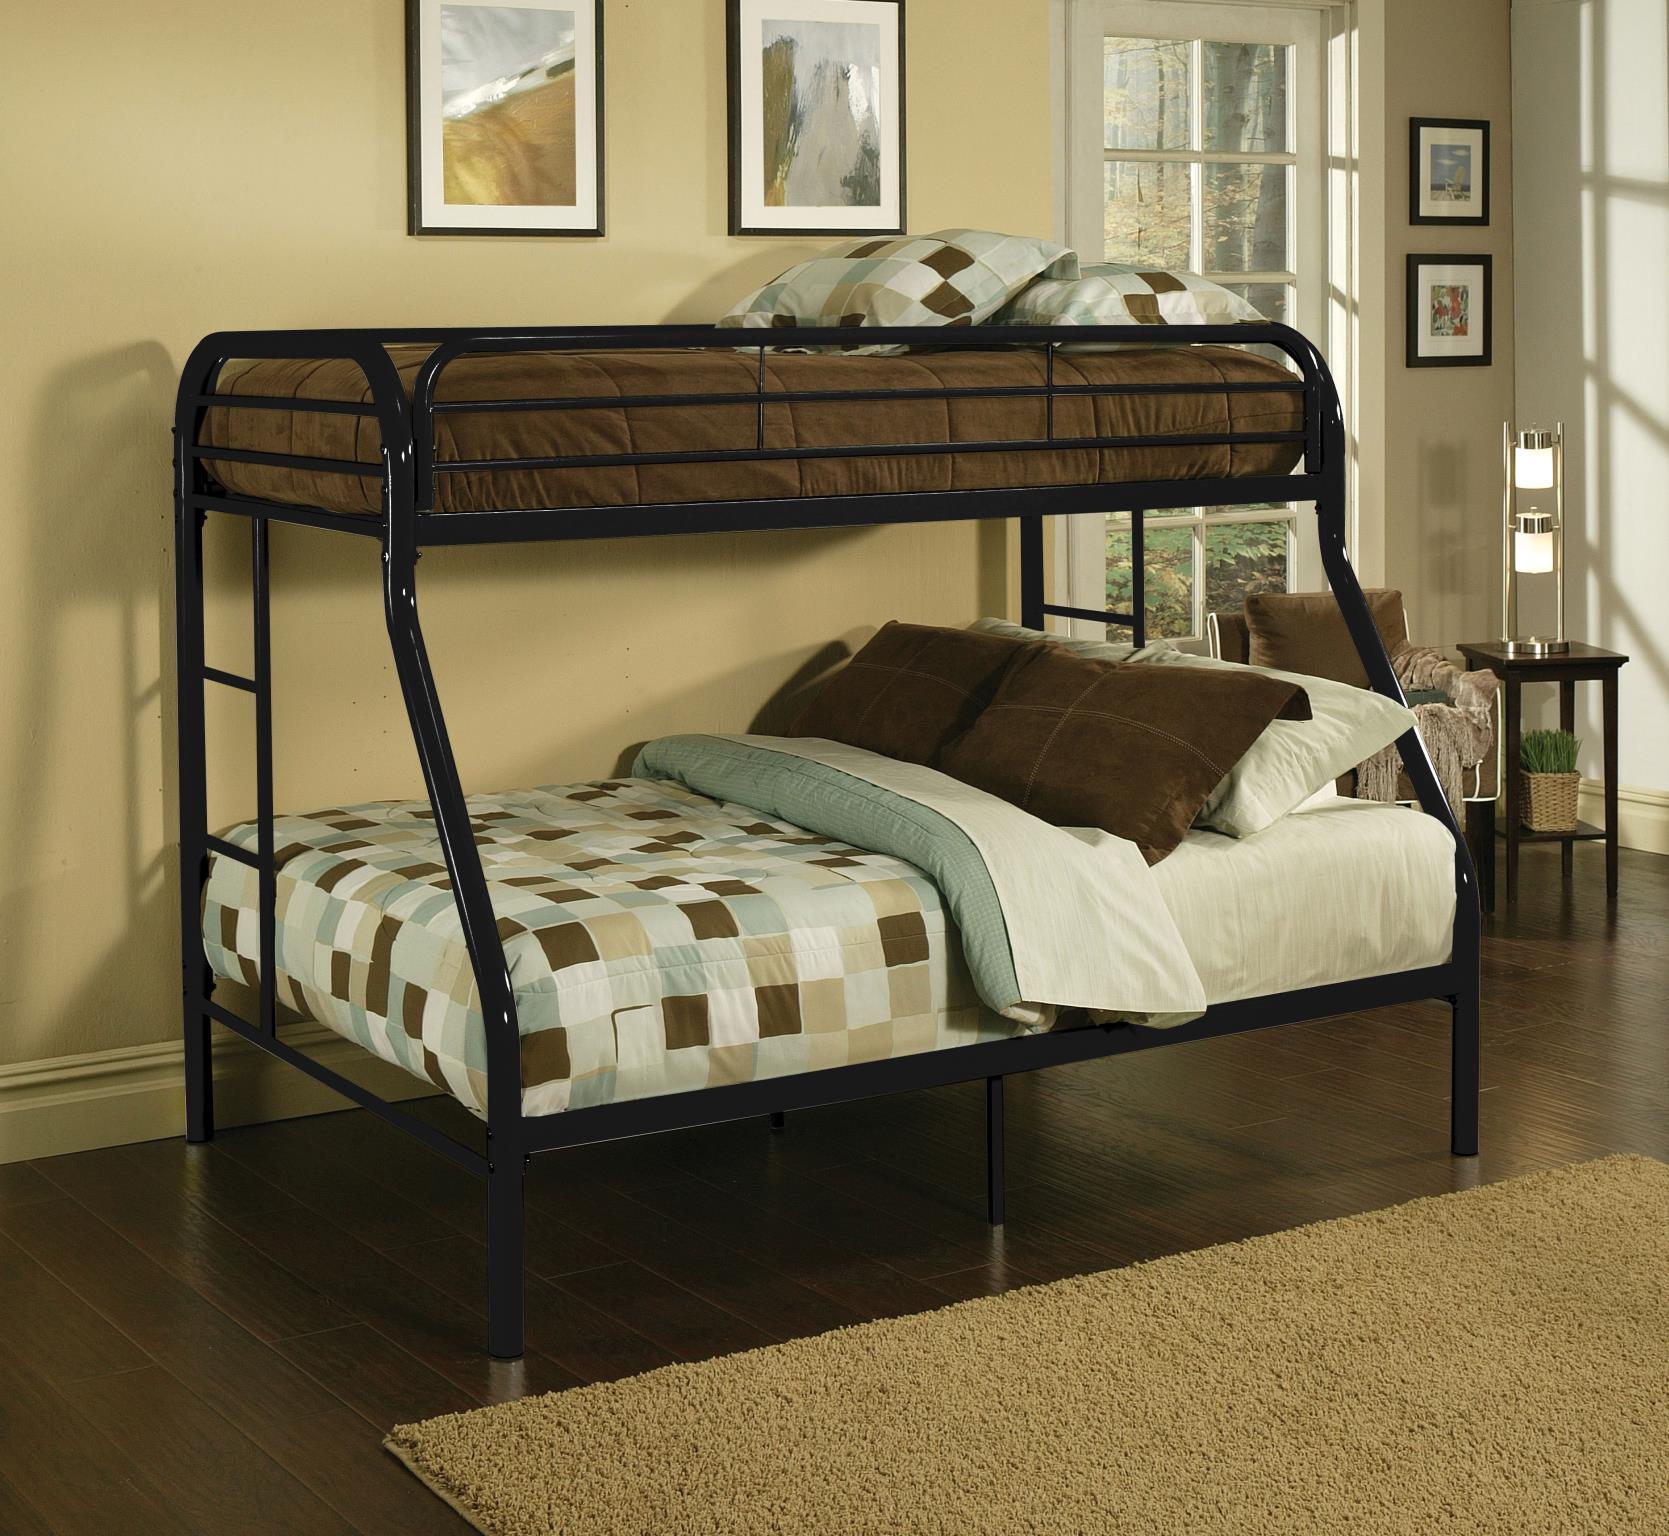 Black Twin XL/Queen Bunk Bed